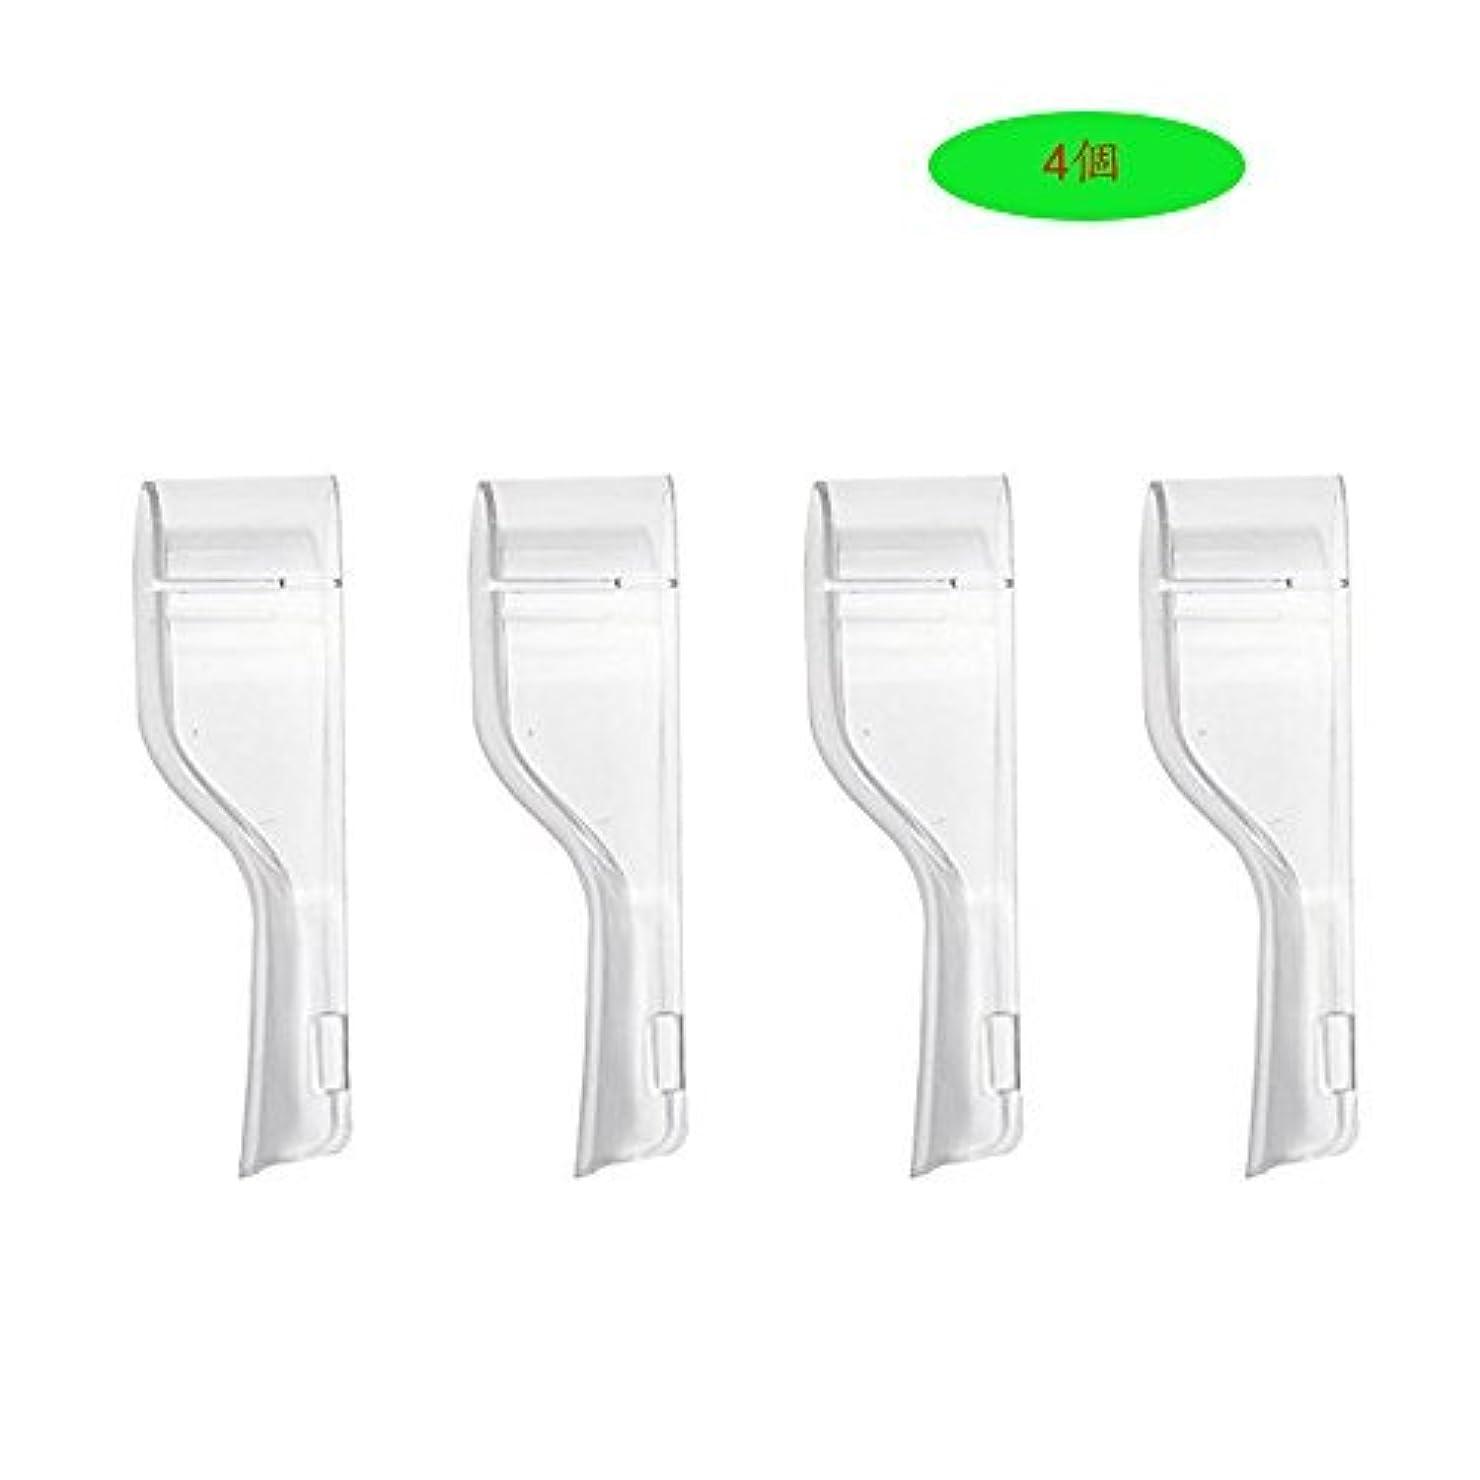 予測容量視線For SR18 / SR32 / EB30 ブラウン オーラルB 電動歯ブラシ用 替えブラシ互換 スイングブラシ 硬い歯ブラシのヘッドキャップ保護カバー by Kadior